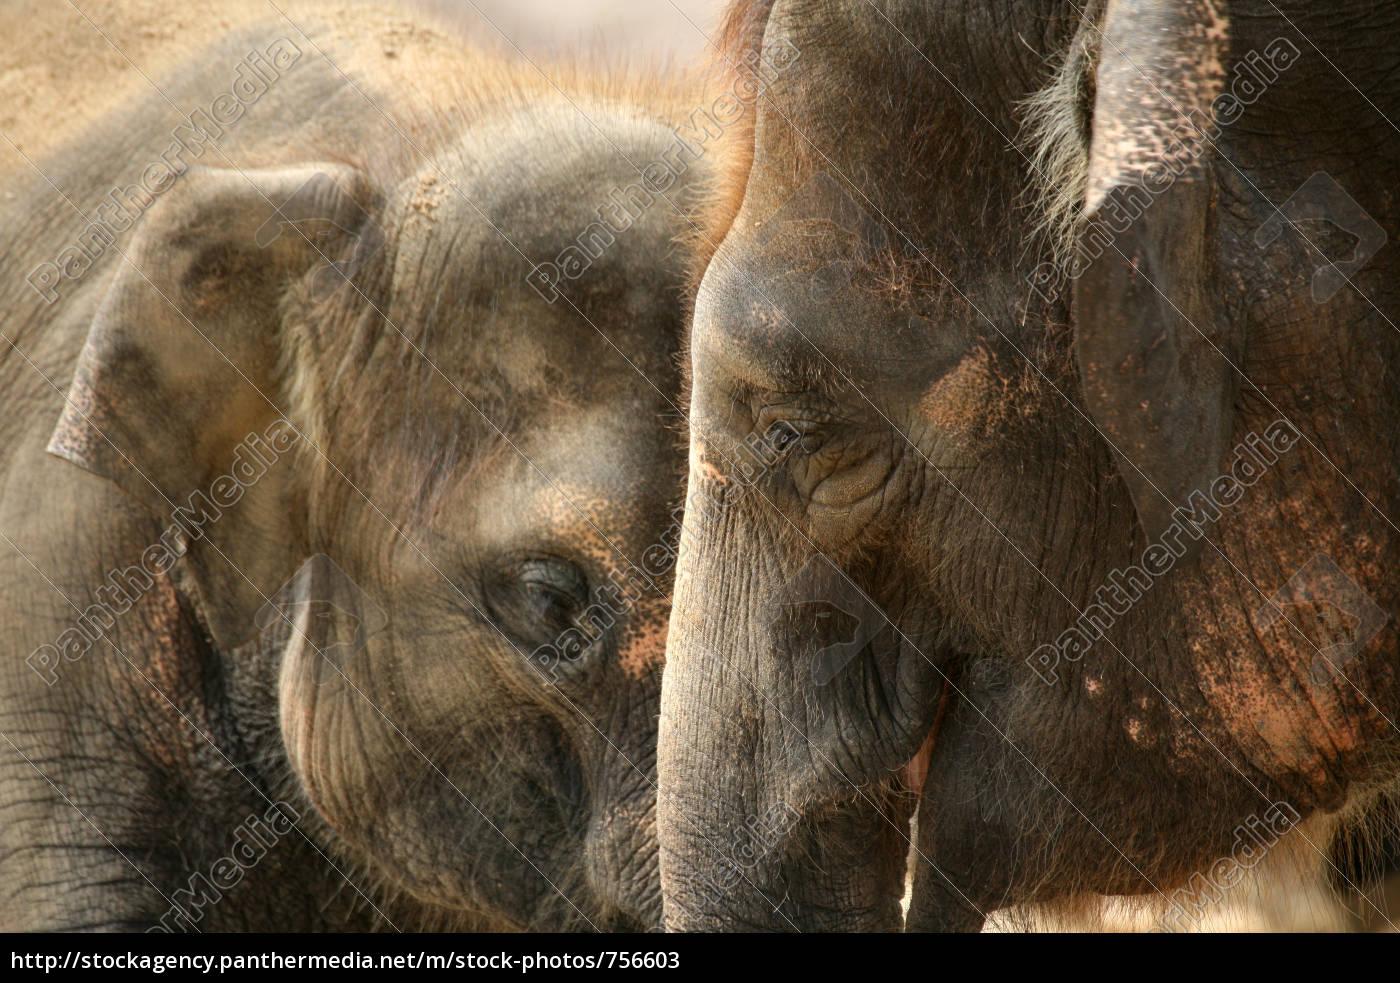 elephants - 756603